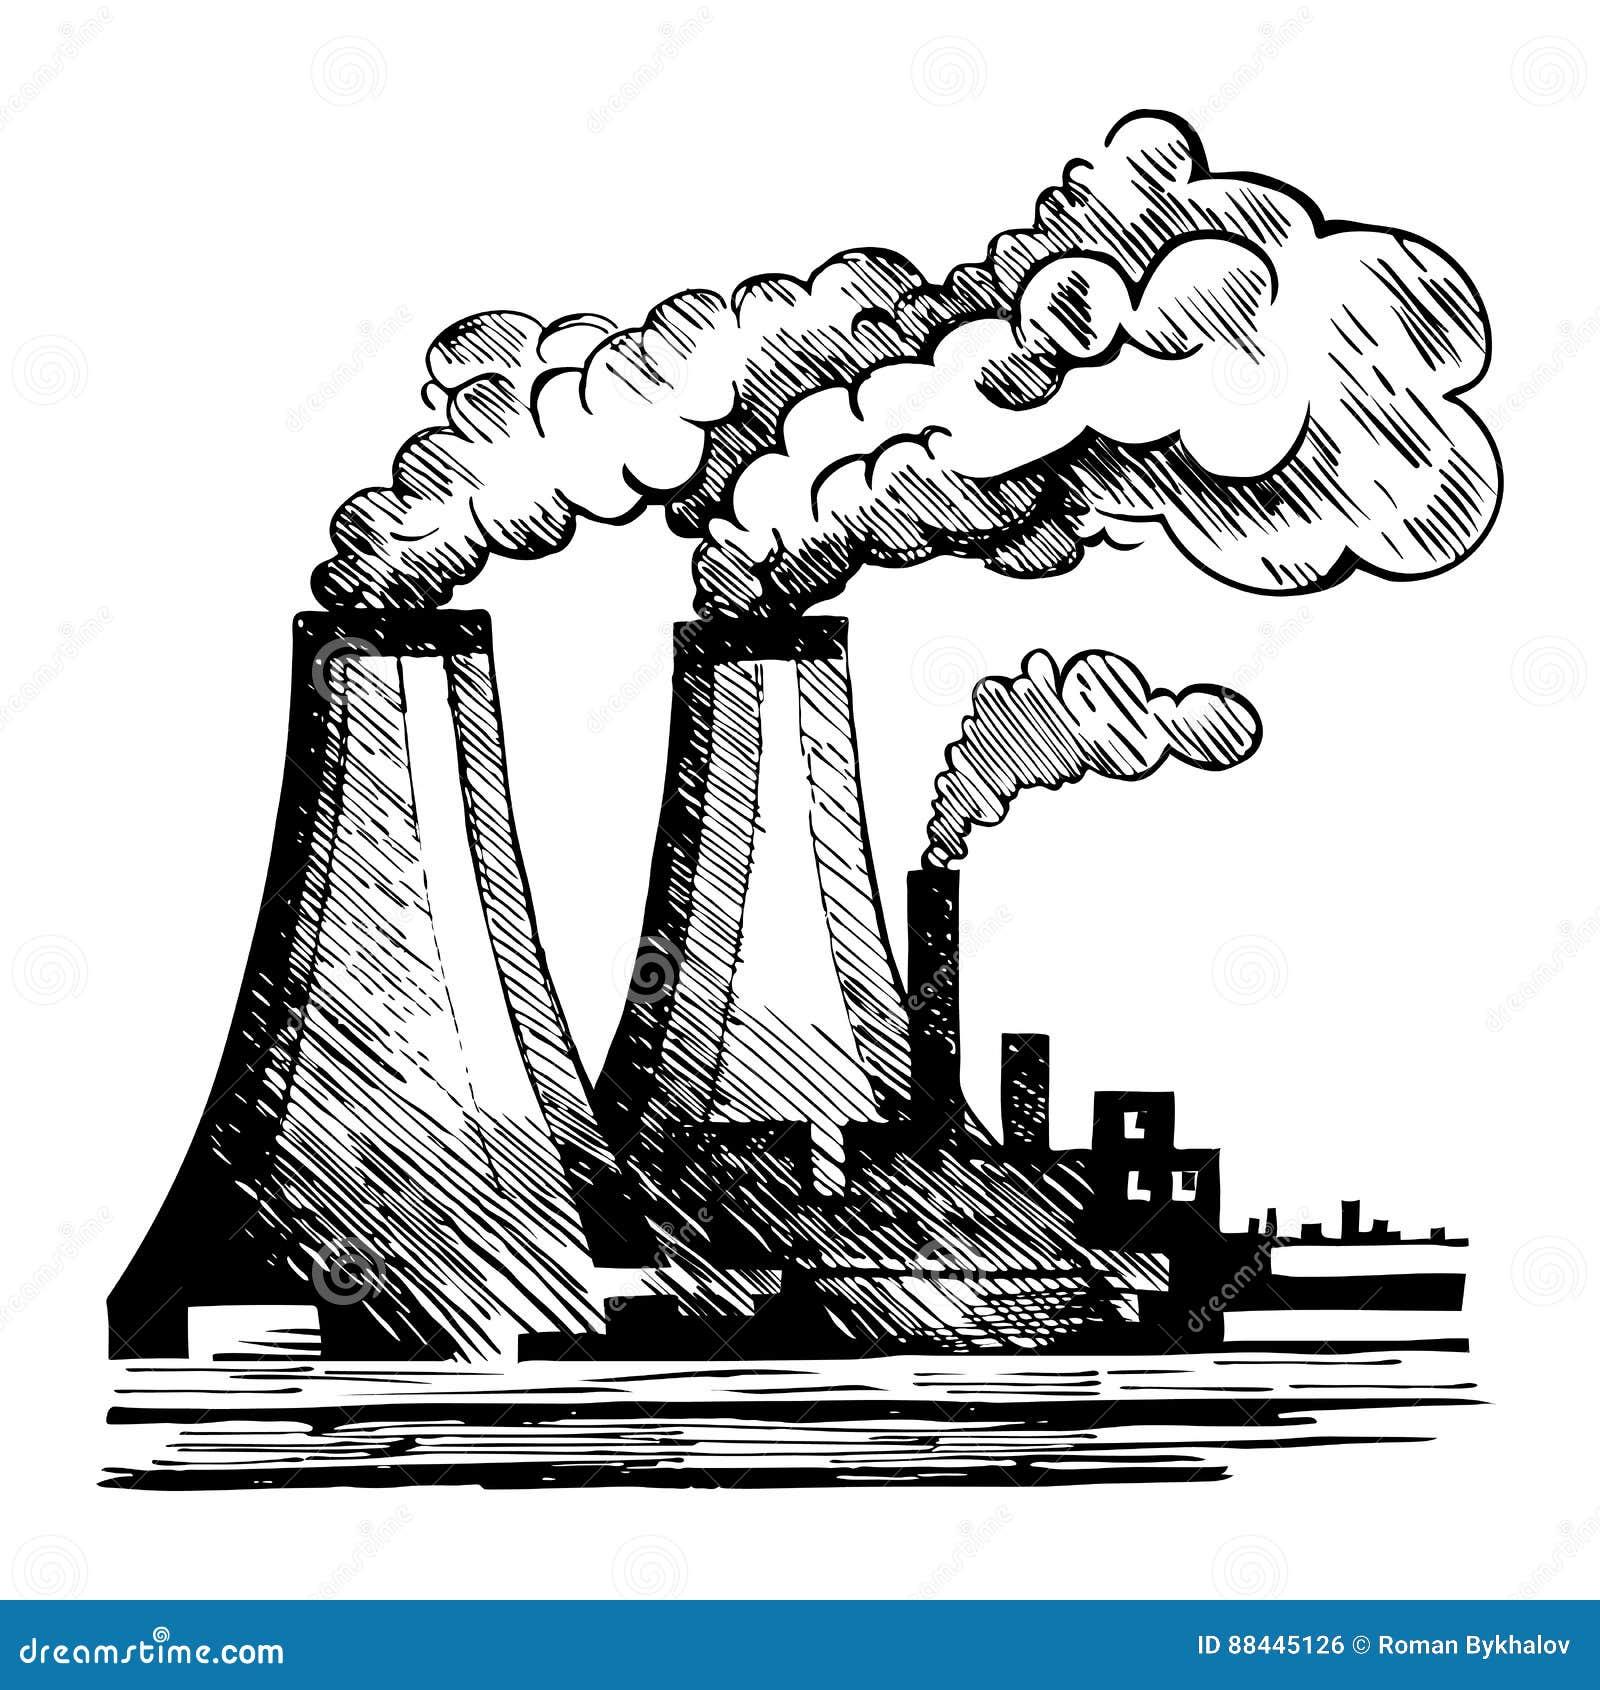 宣扬生态和大气污染的问题